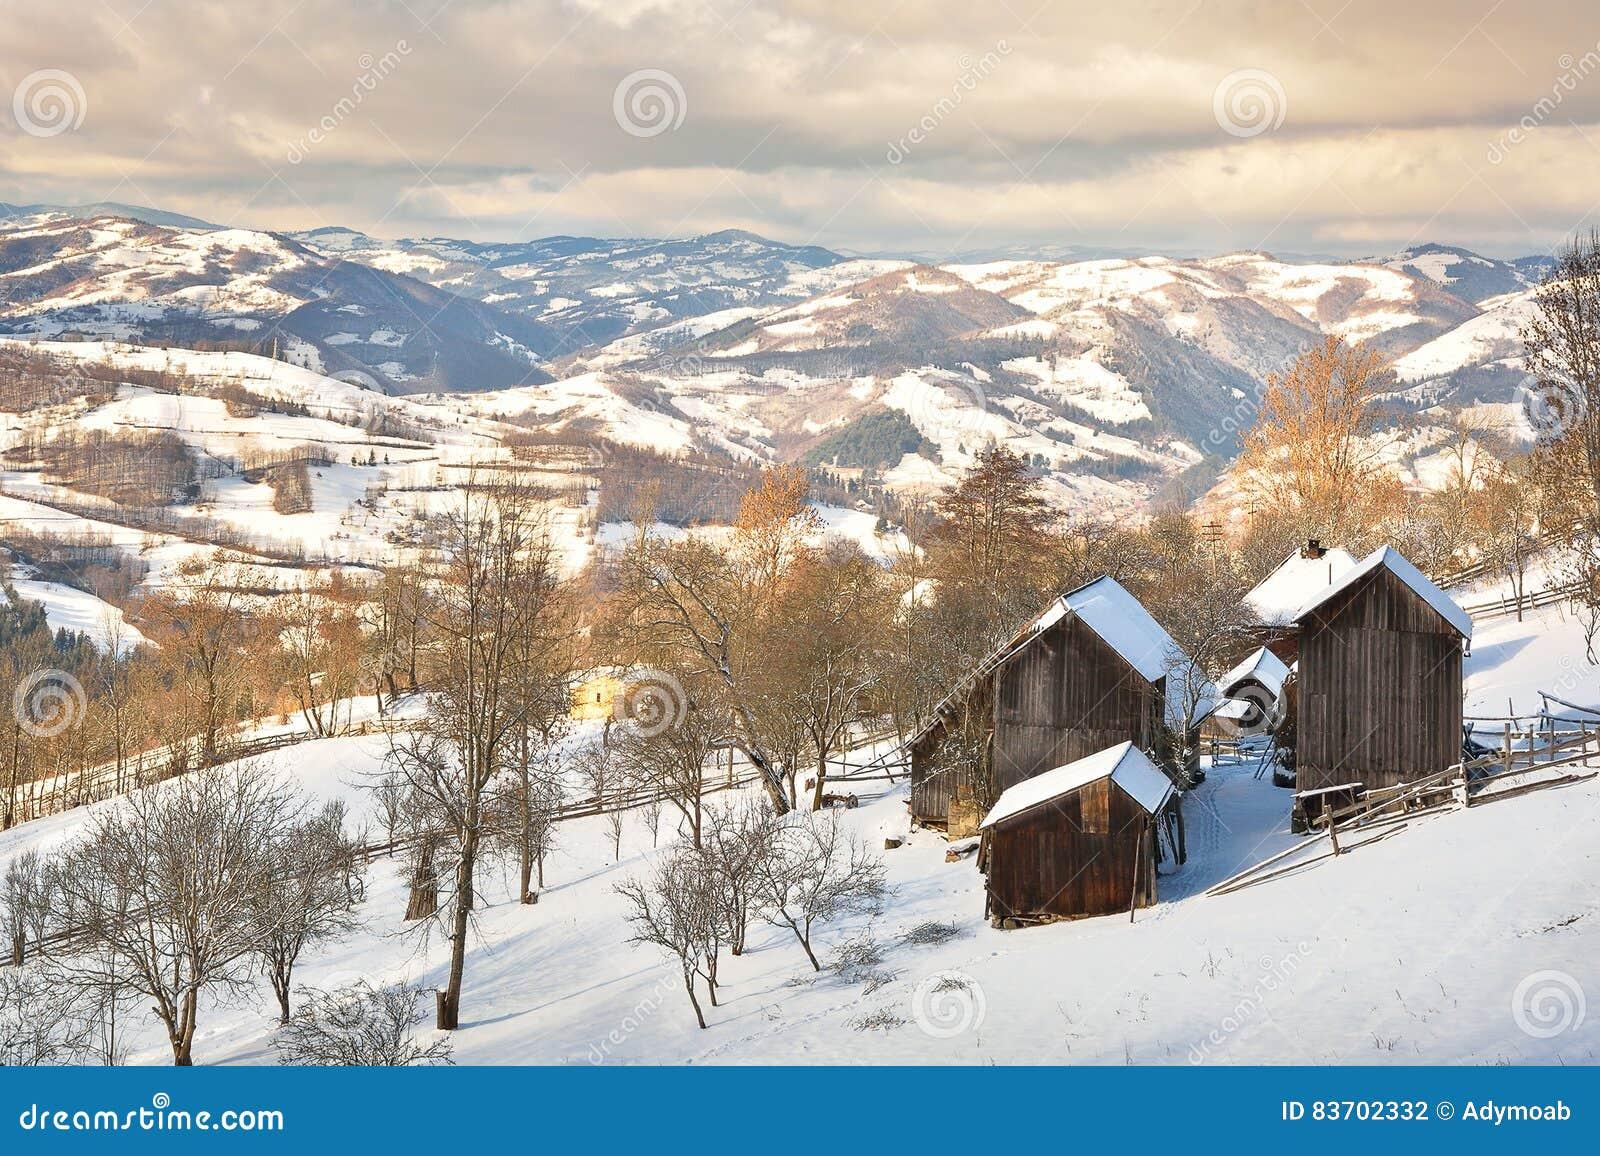 Winter In Transylvania Romania Stock Photo